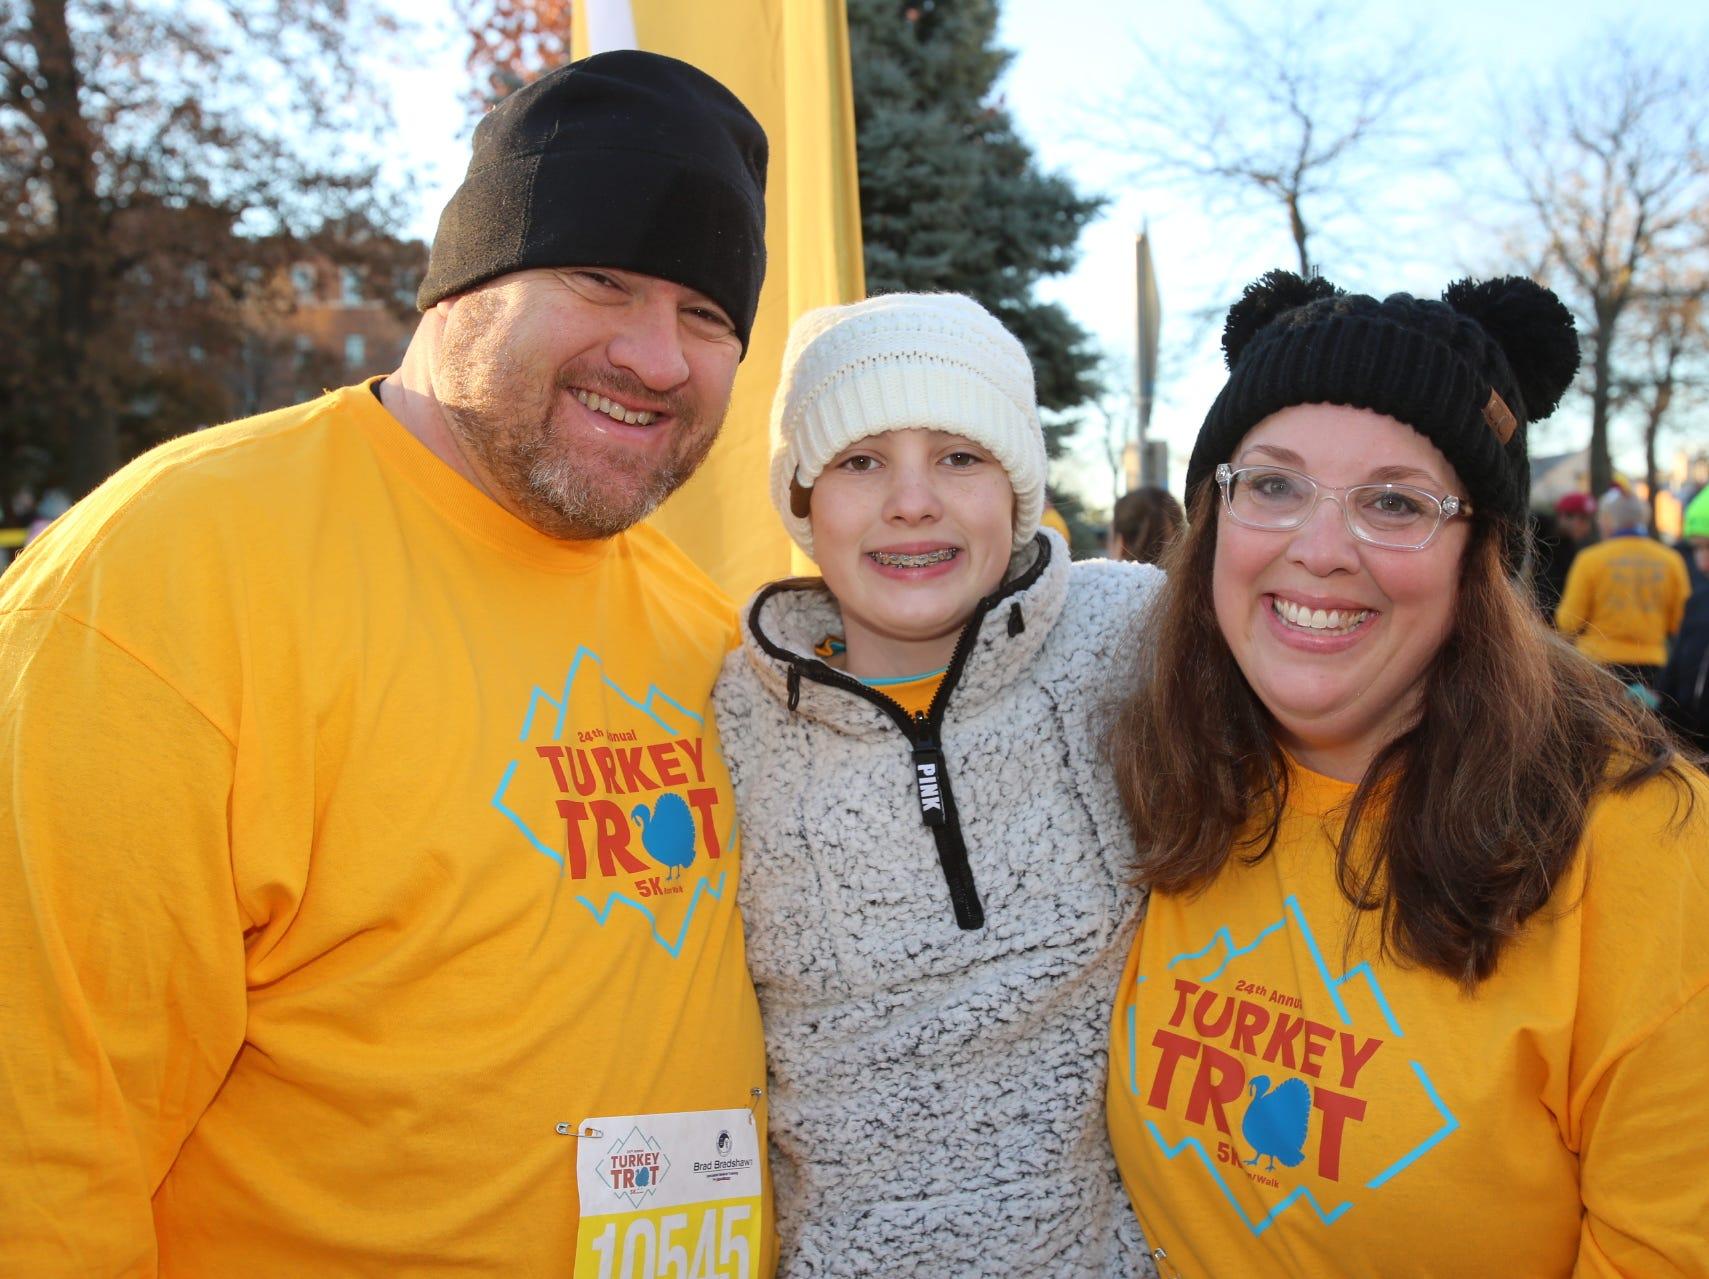 Chad, Maddie, and Jennifer Hampton